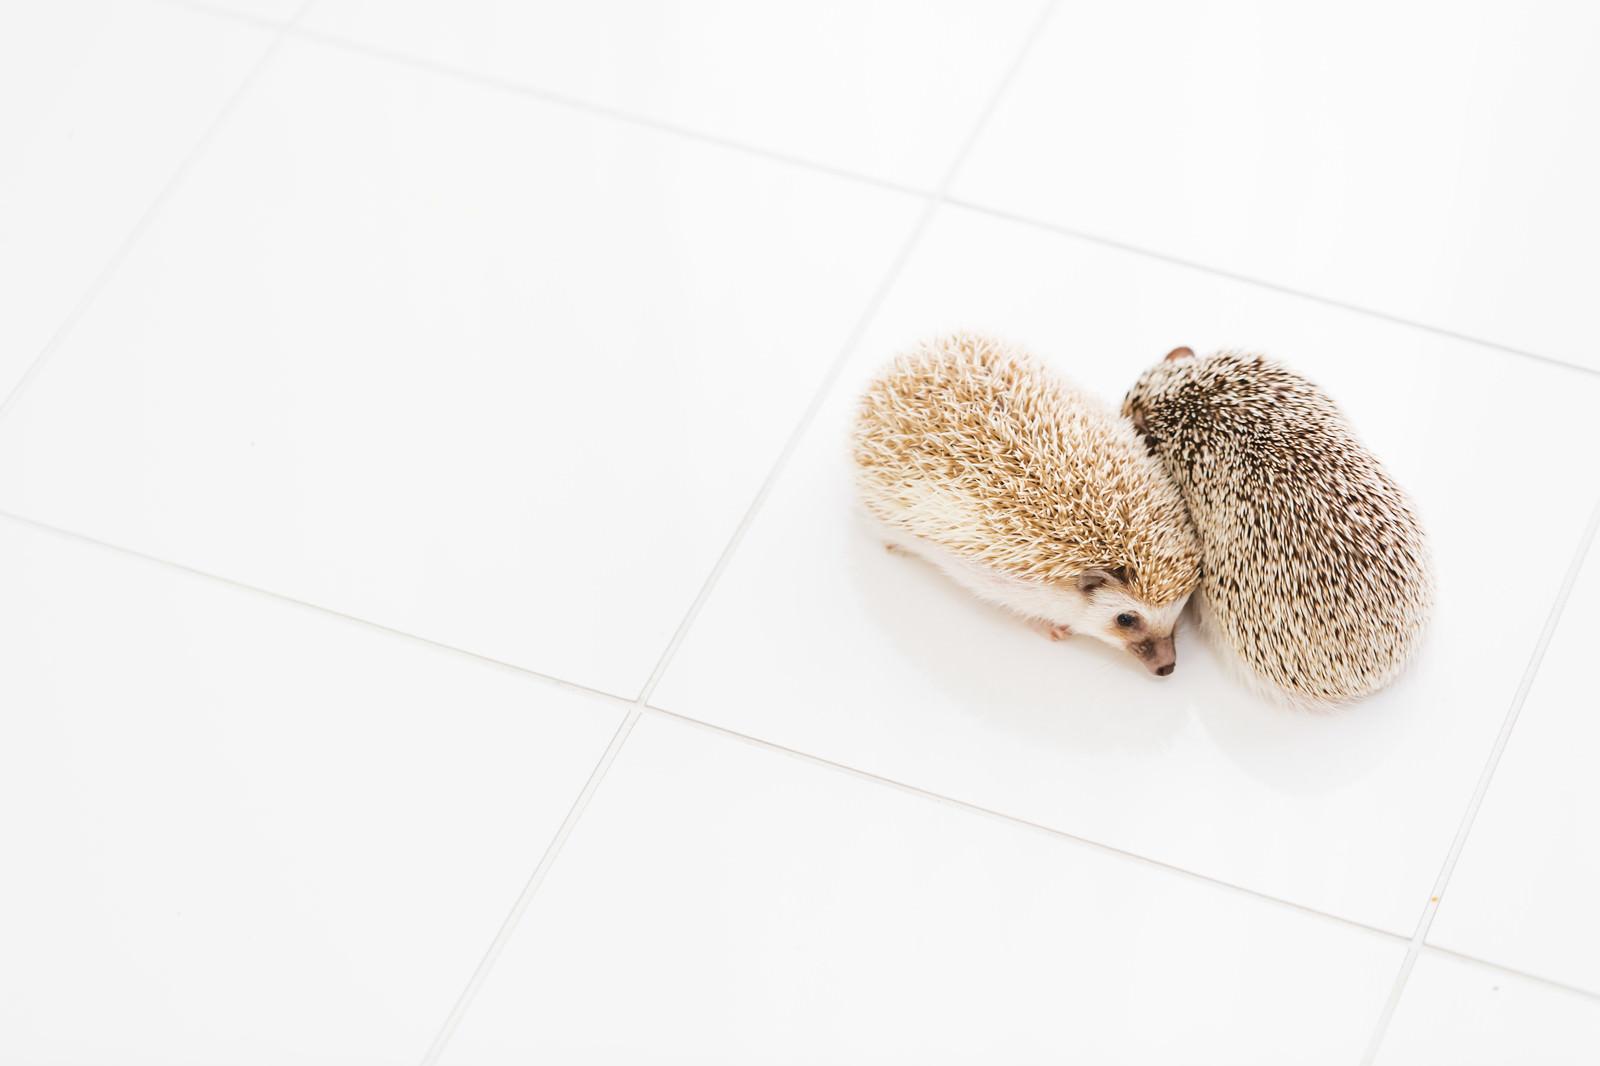 「寄り添うハリネズミ」の写真